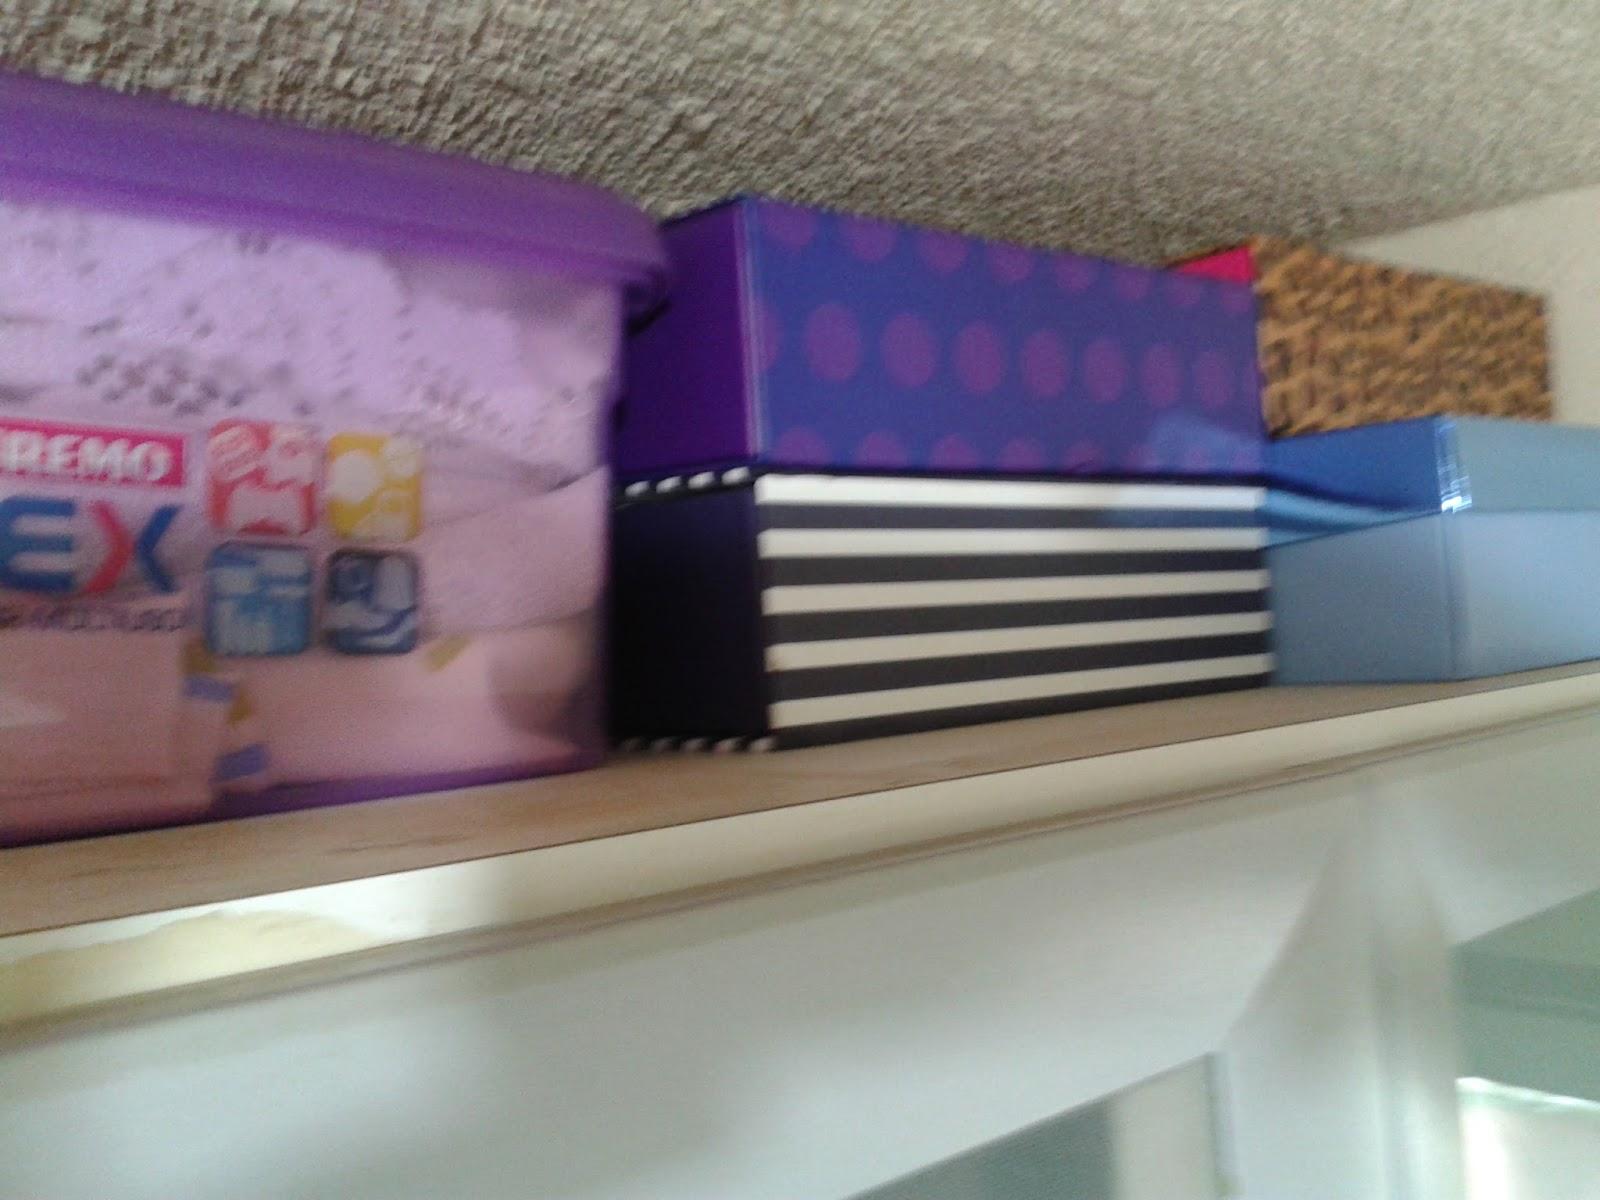 Rosicler Araujo Da Organiza O Da Minha Cozinha E Rea De Servi O ~ Organizar Quarto Muito Bagunçado Com Tema Quarto De Bebe Feminino